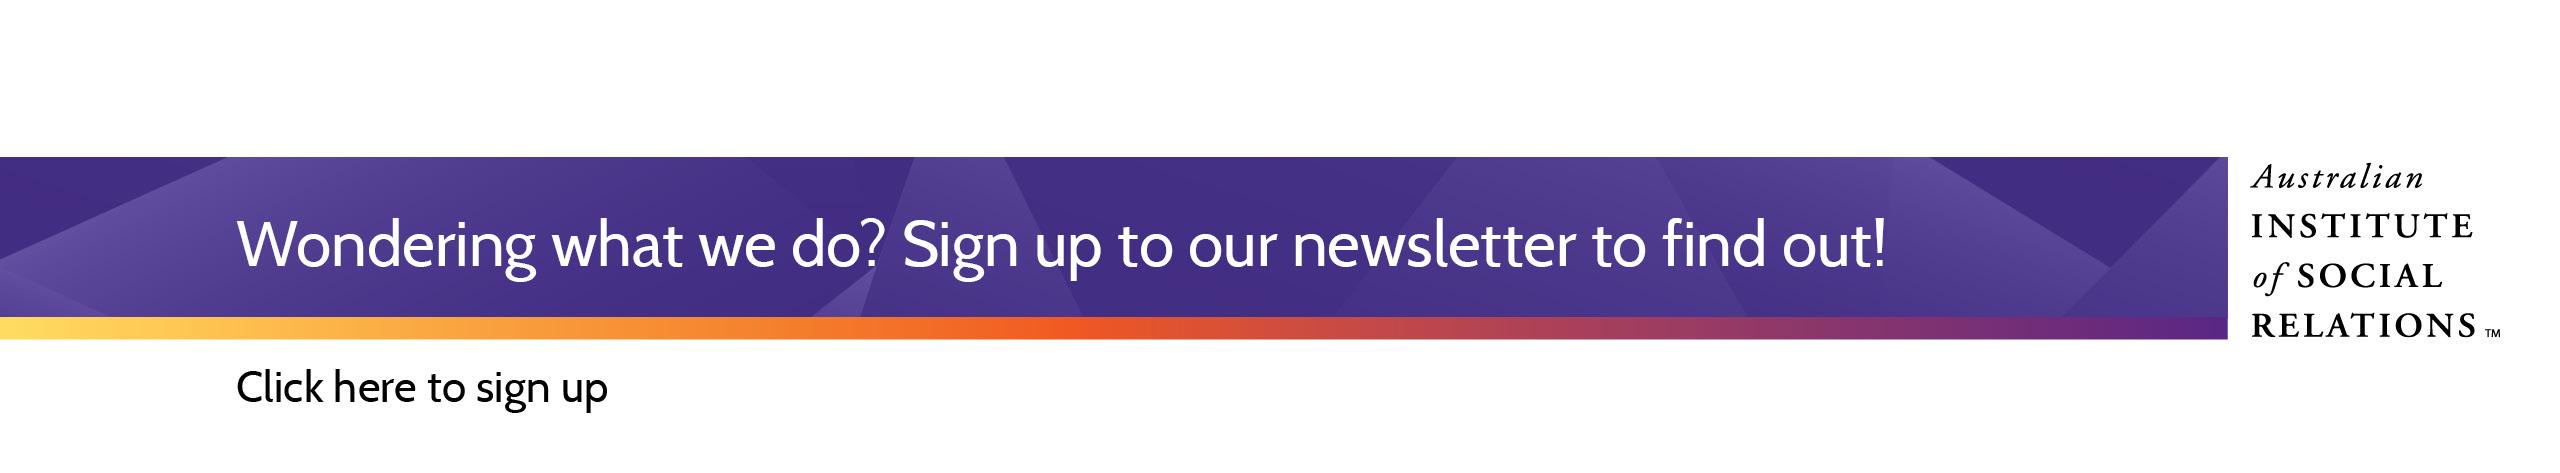 Homepage-Banner_AISR_Newsletter